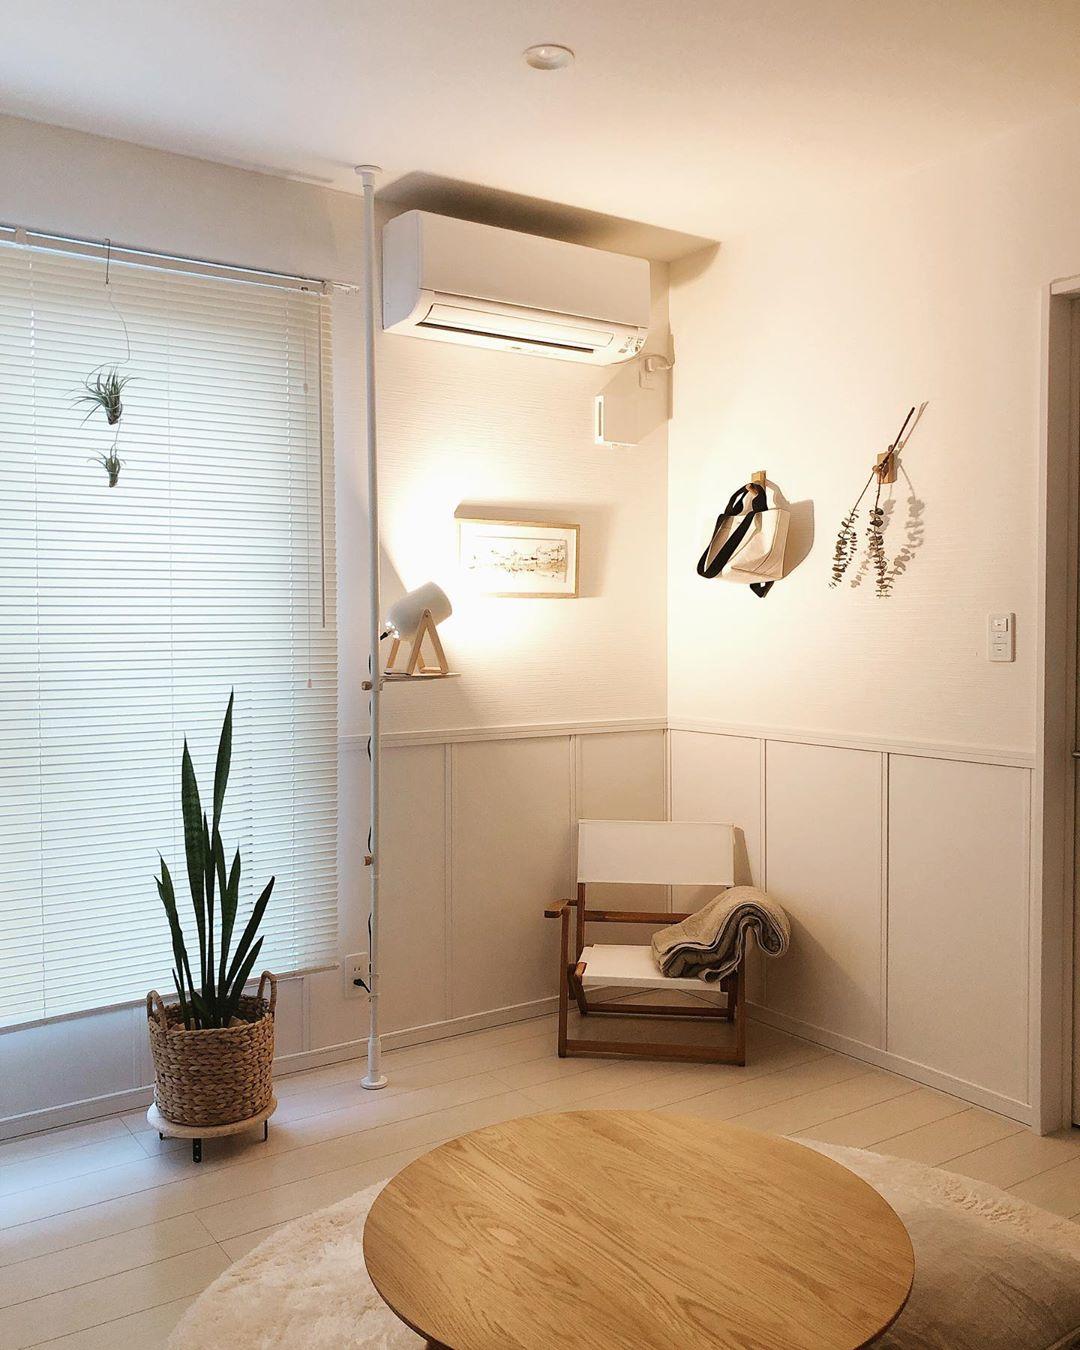 カラーバリエーションは現在8つ。お部屋の雰囲気に合わせて選ぶことができる汎用性の高さもいいですね。どんなお部屋にも合うアイボリーが多く利用されていました。